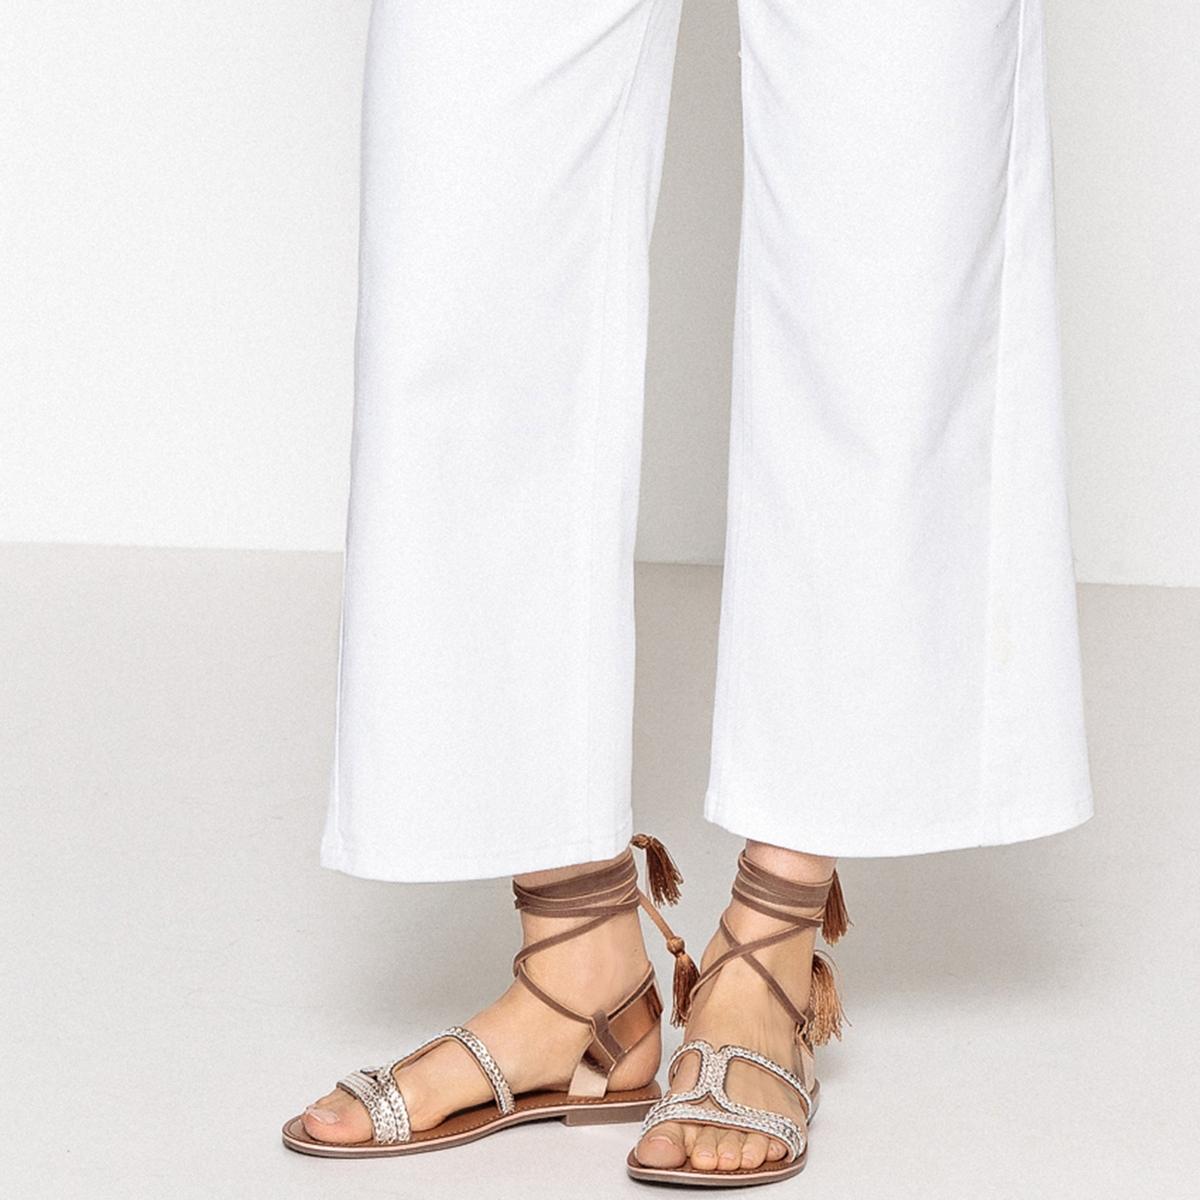 Sandalias de piel con cordón en el tobillo